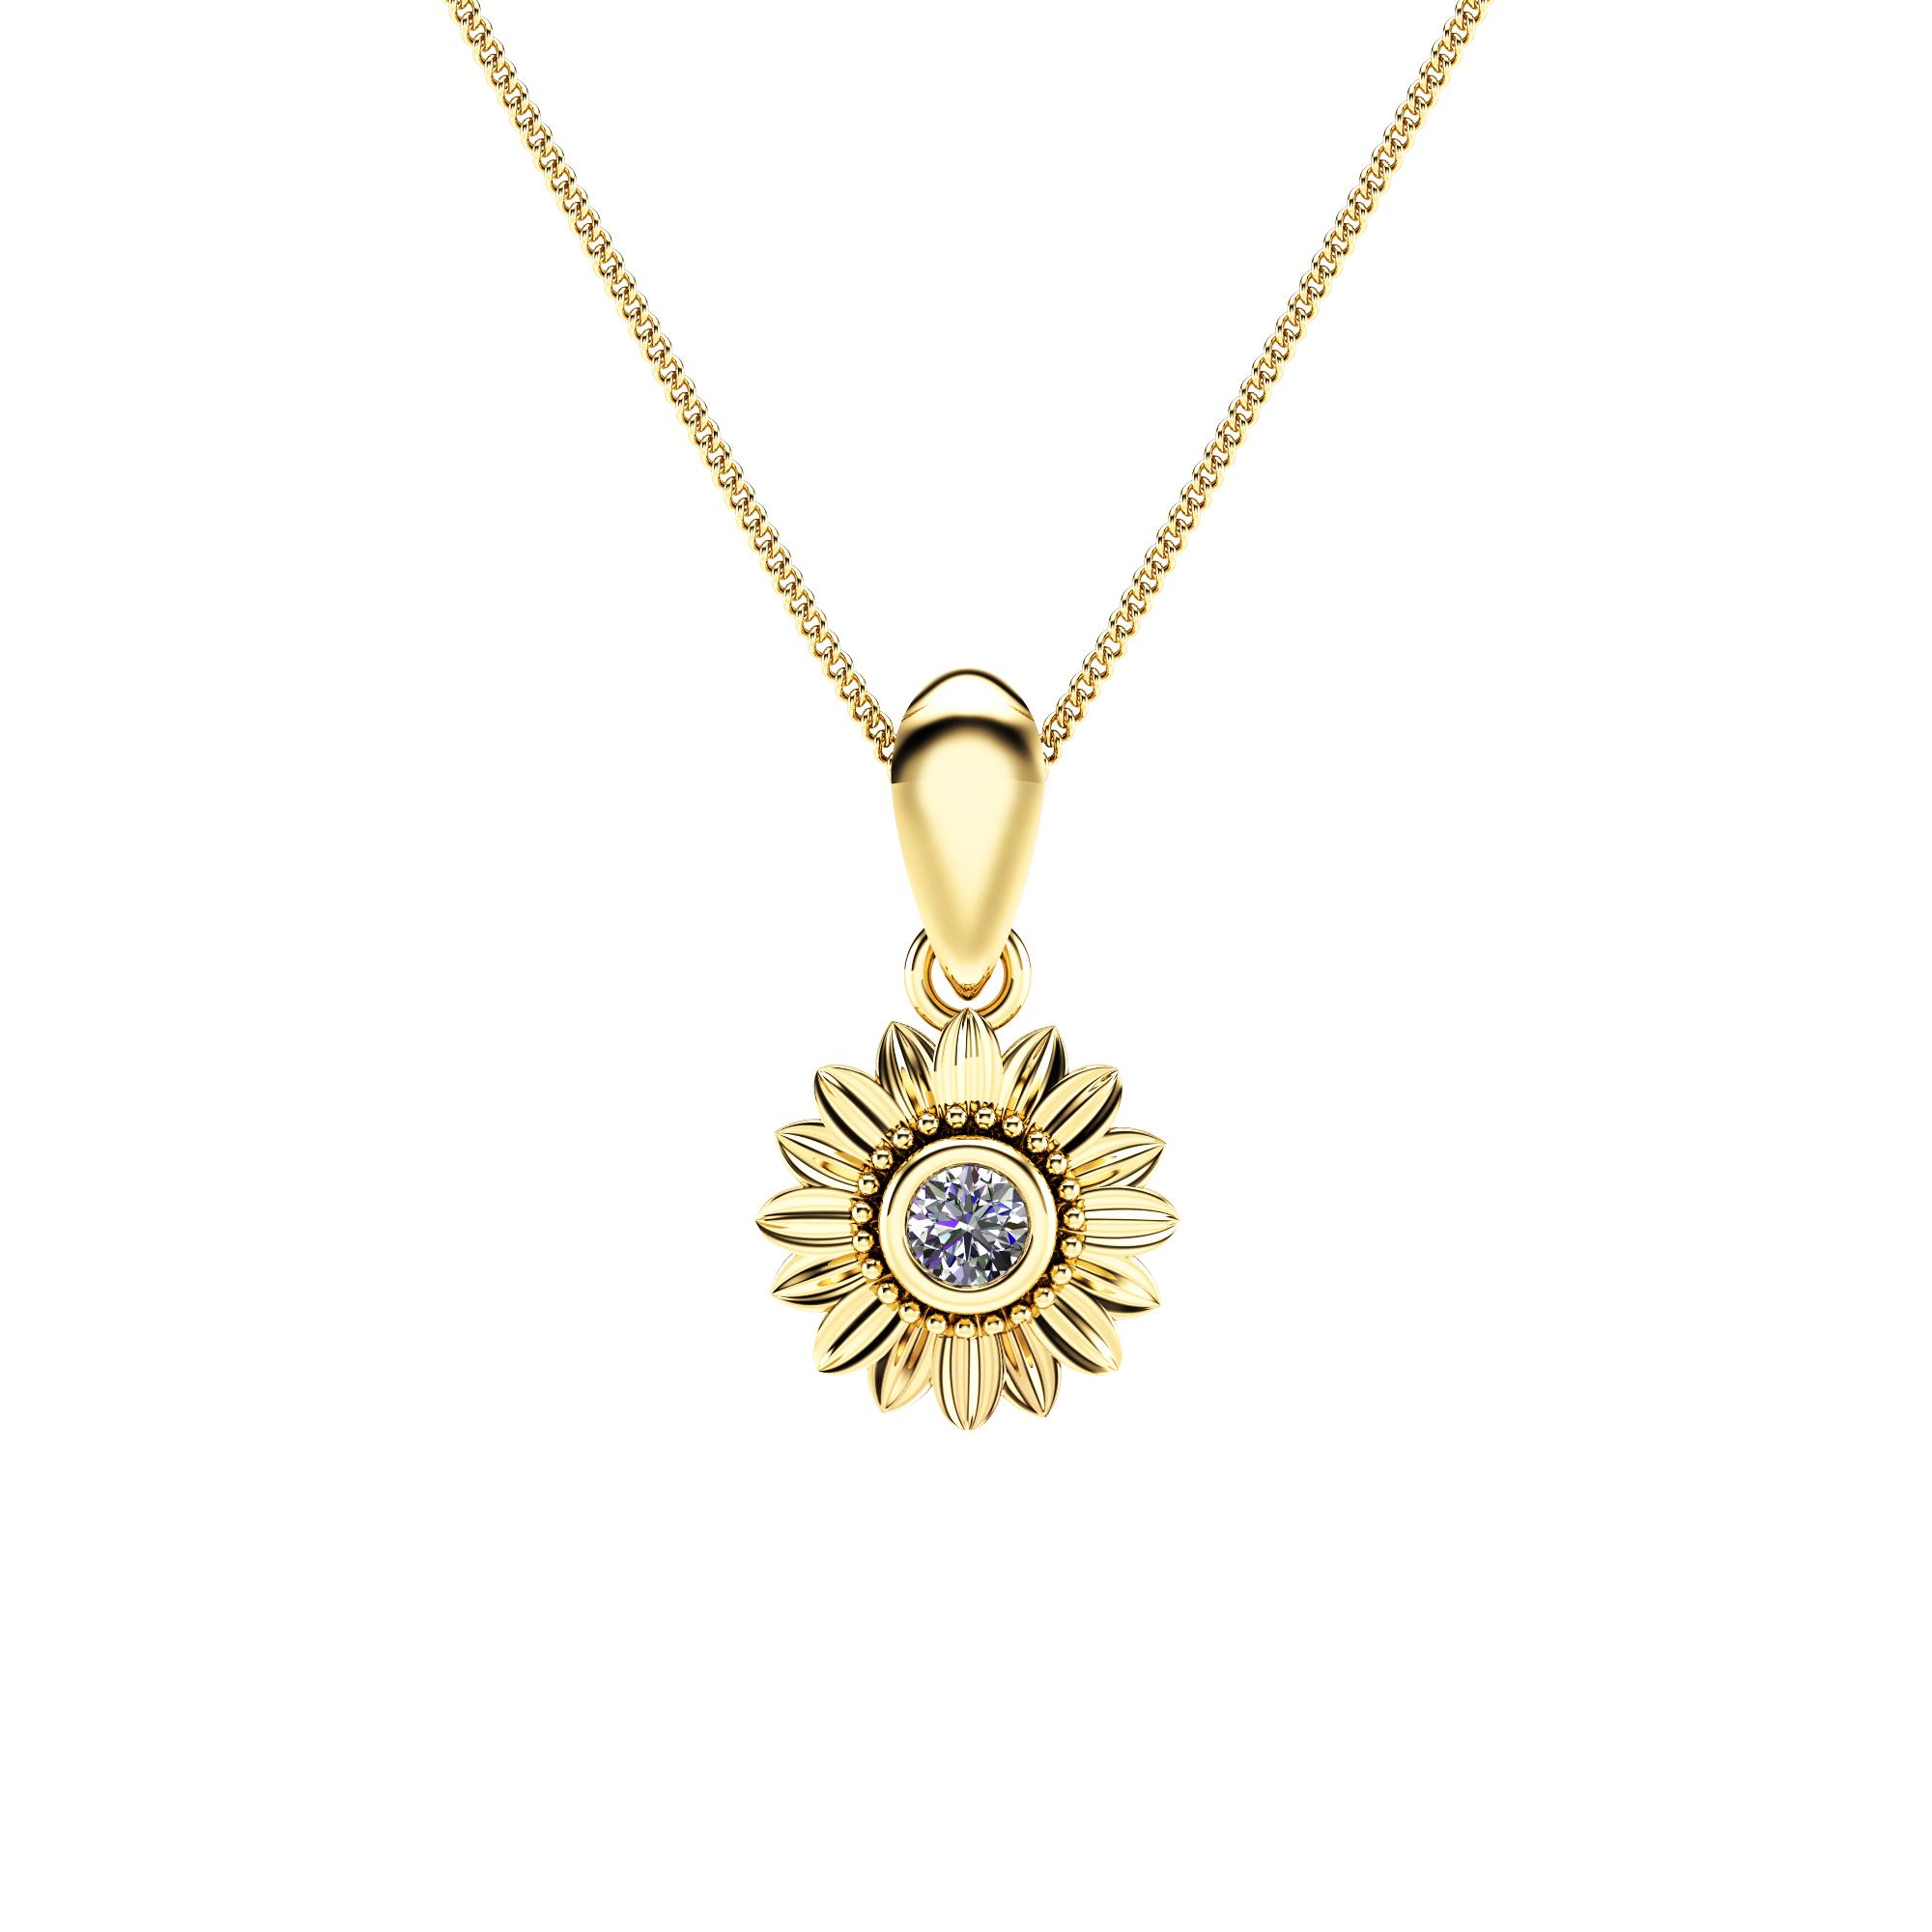 Sunflower Diamond Pendant 14K Yellow Gold Bridal Jewelry Nature Inspired Pendant Anniversary Gift